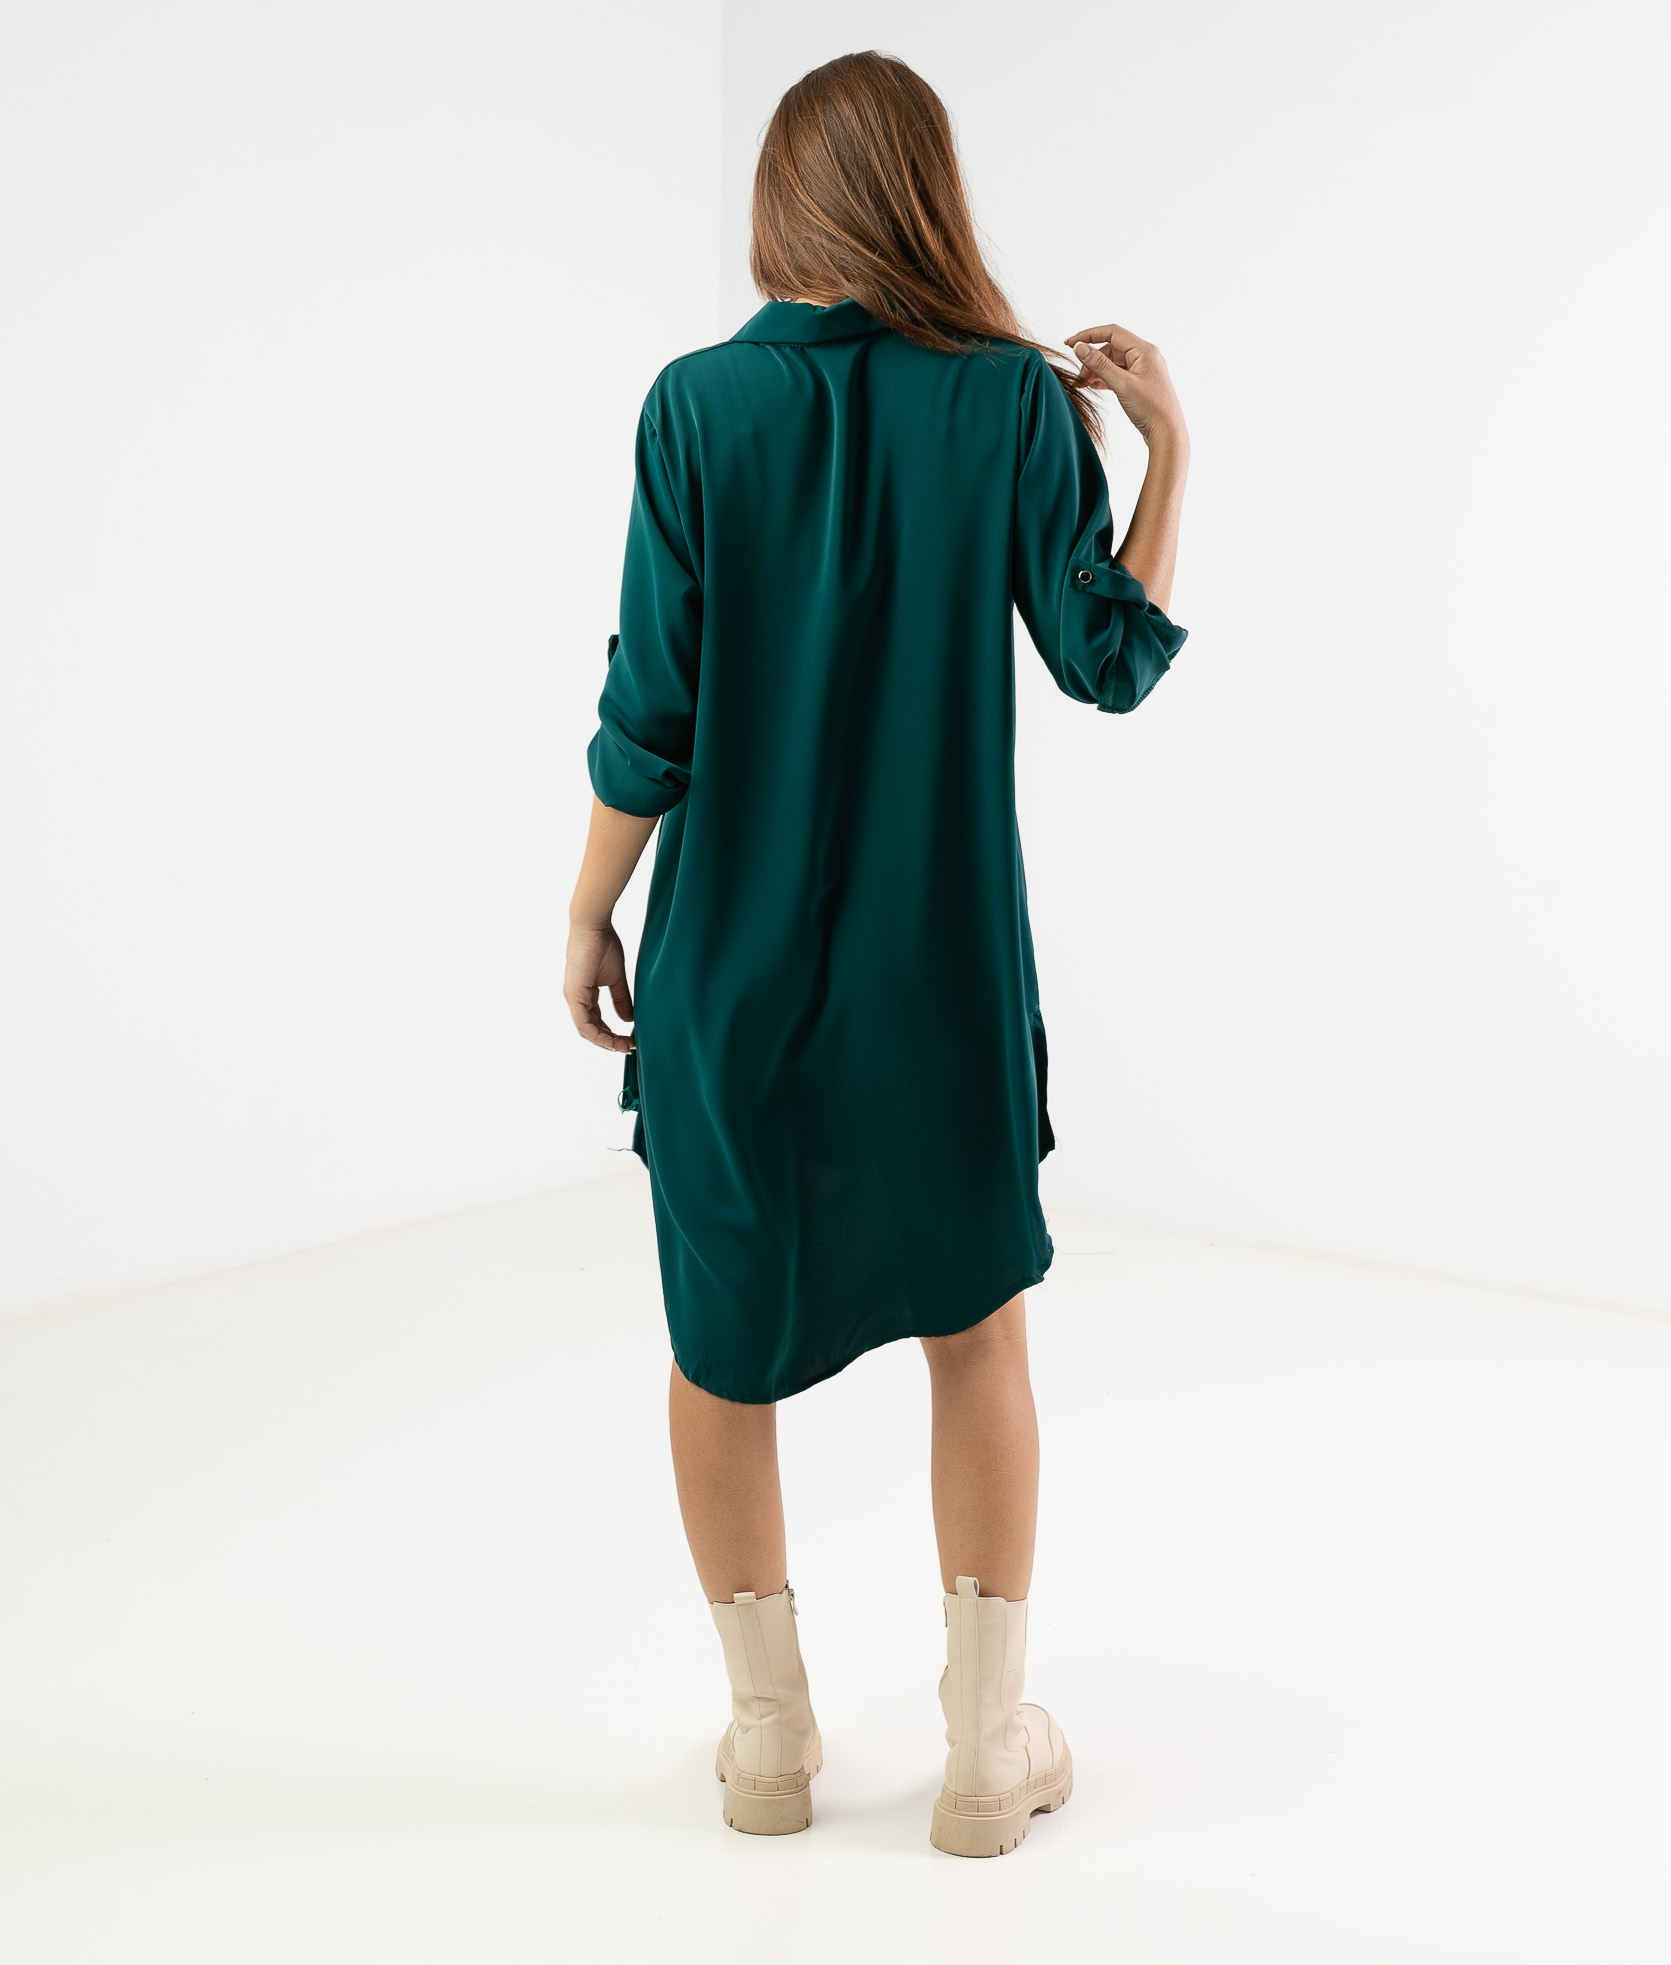 VIMALA DRESS - GREEN